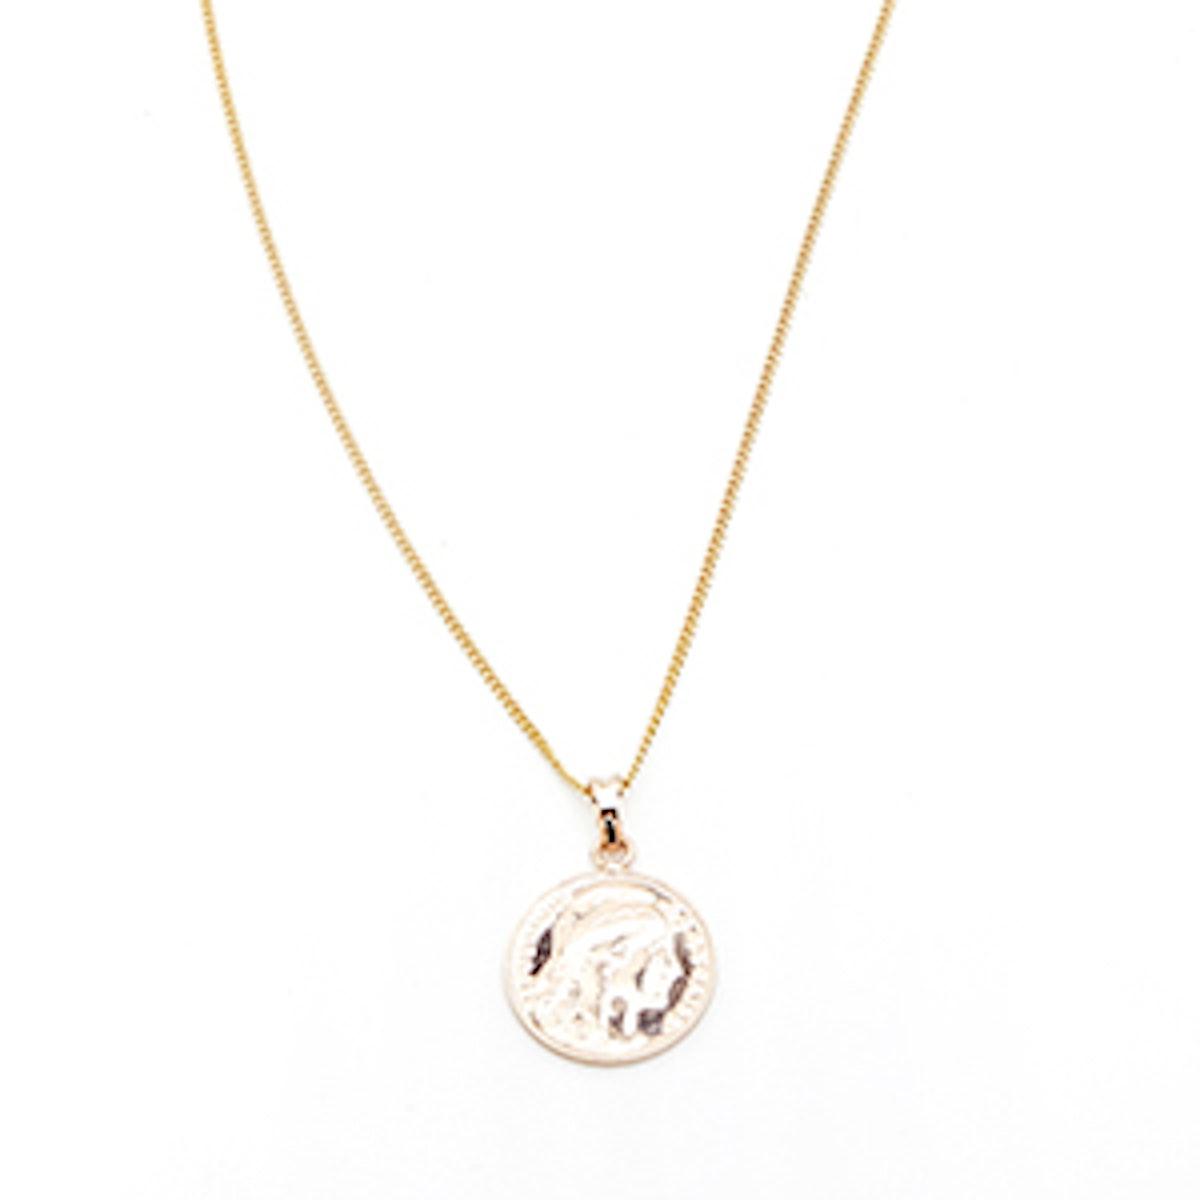 Gold Mini Lucky Coin Pendant